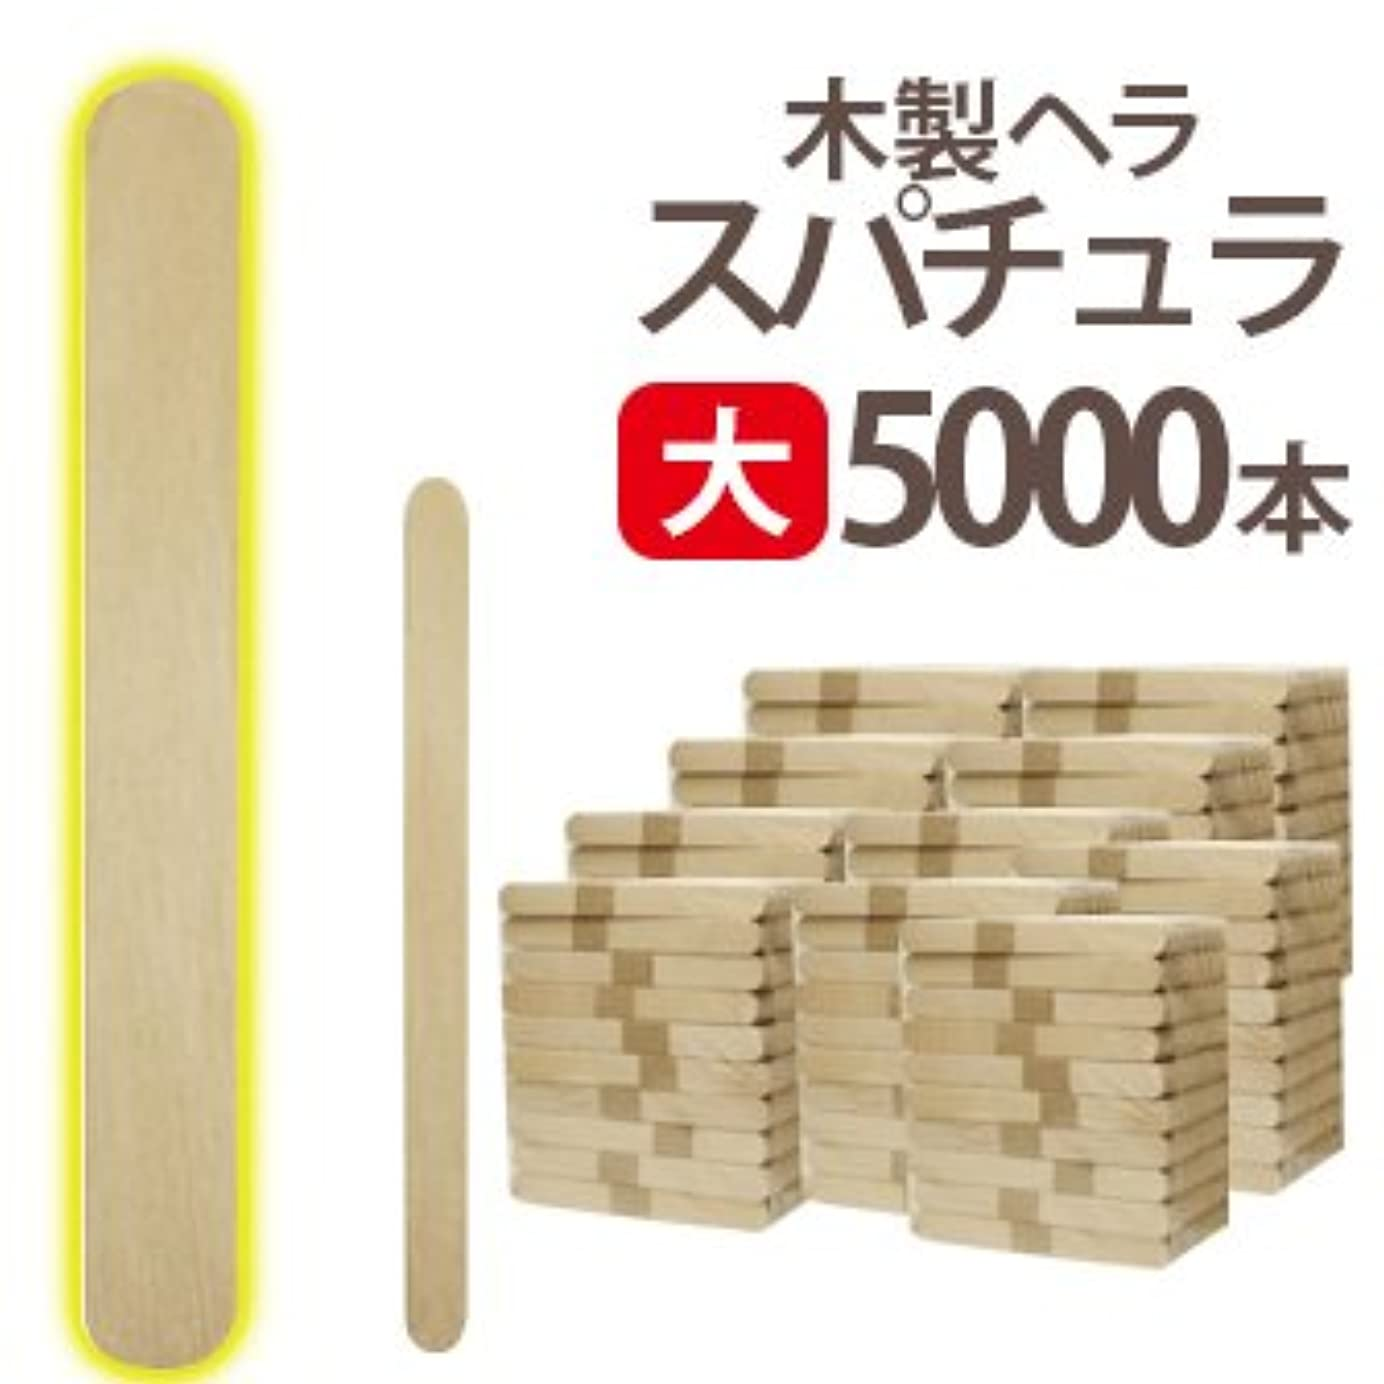 大 ブラジリアンワックス 業務用5000本 スパチュラ Aタイプ(個別梱包なし 150×16)